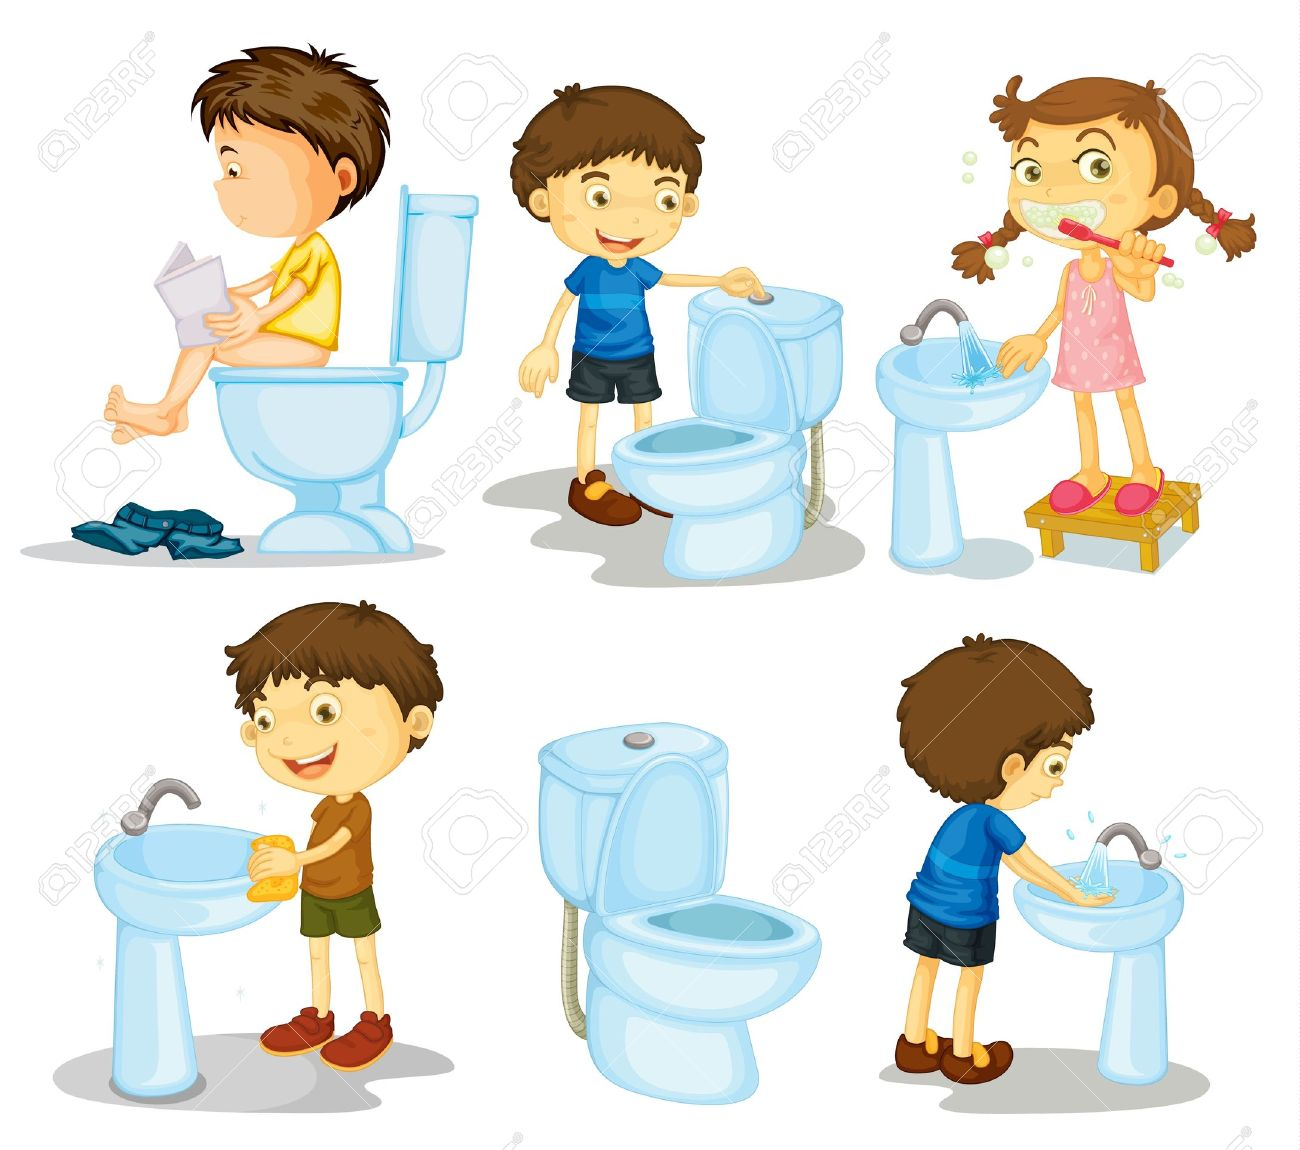 白い背景の上の子供および浴室の付属品のイラスト ロイヤリティフリー